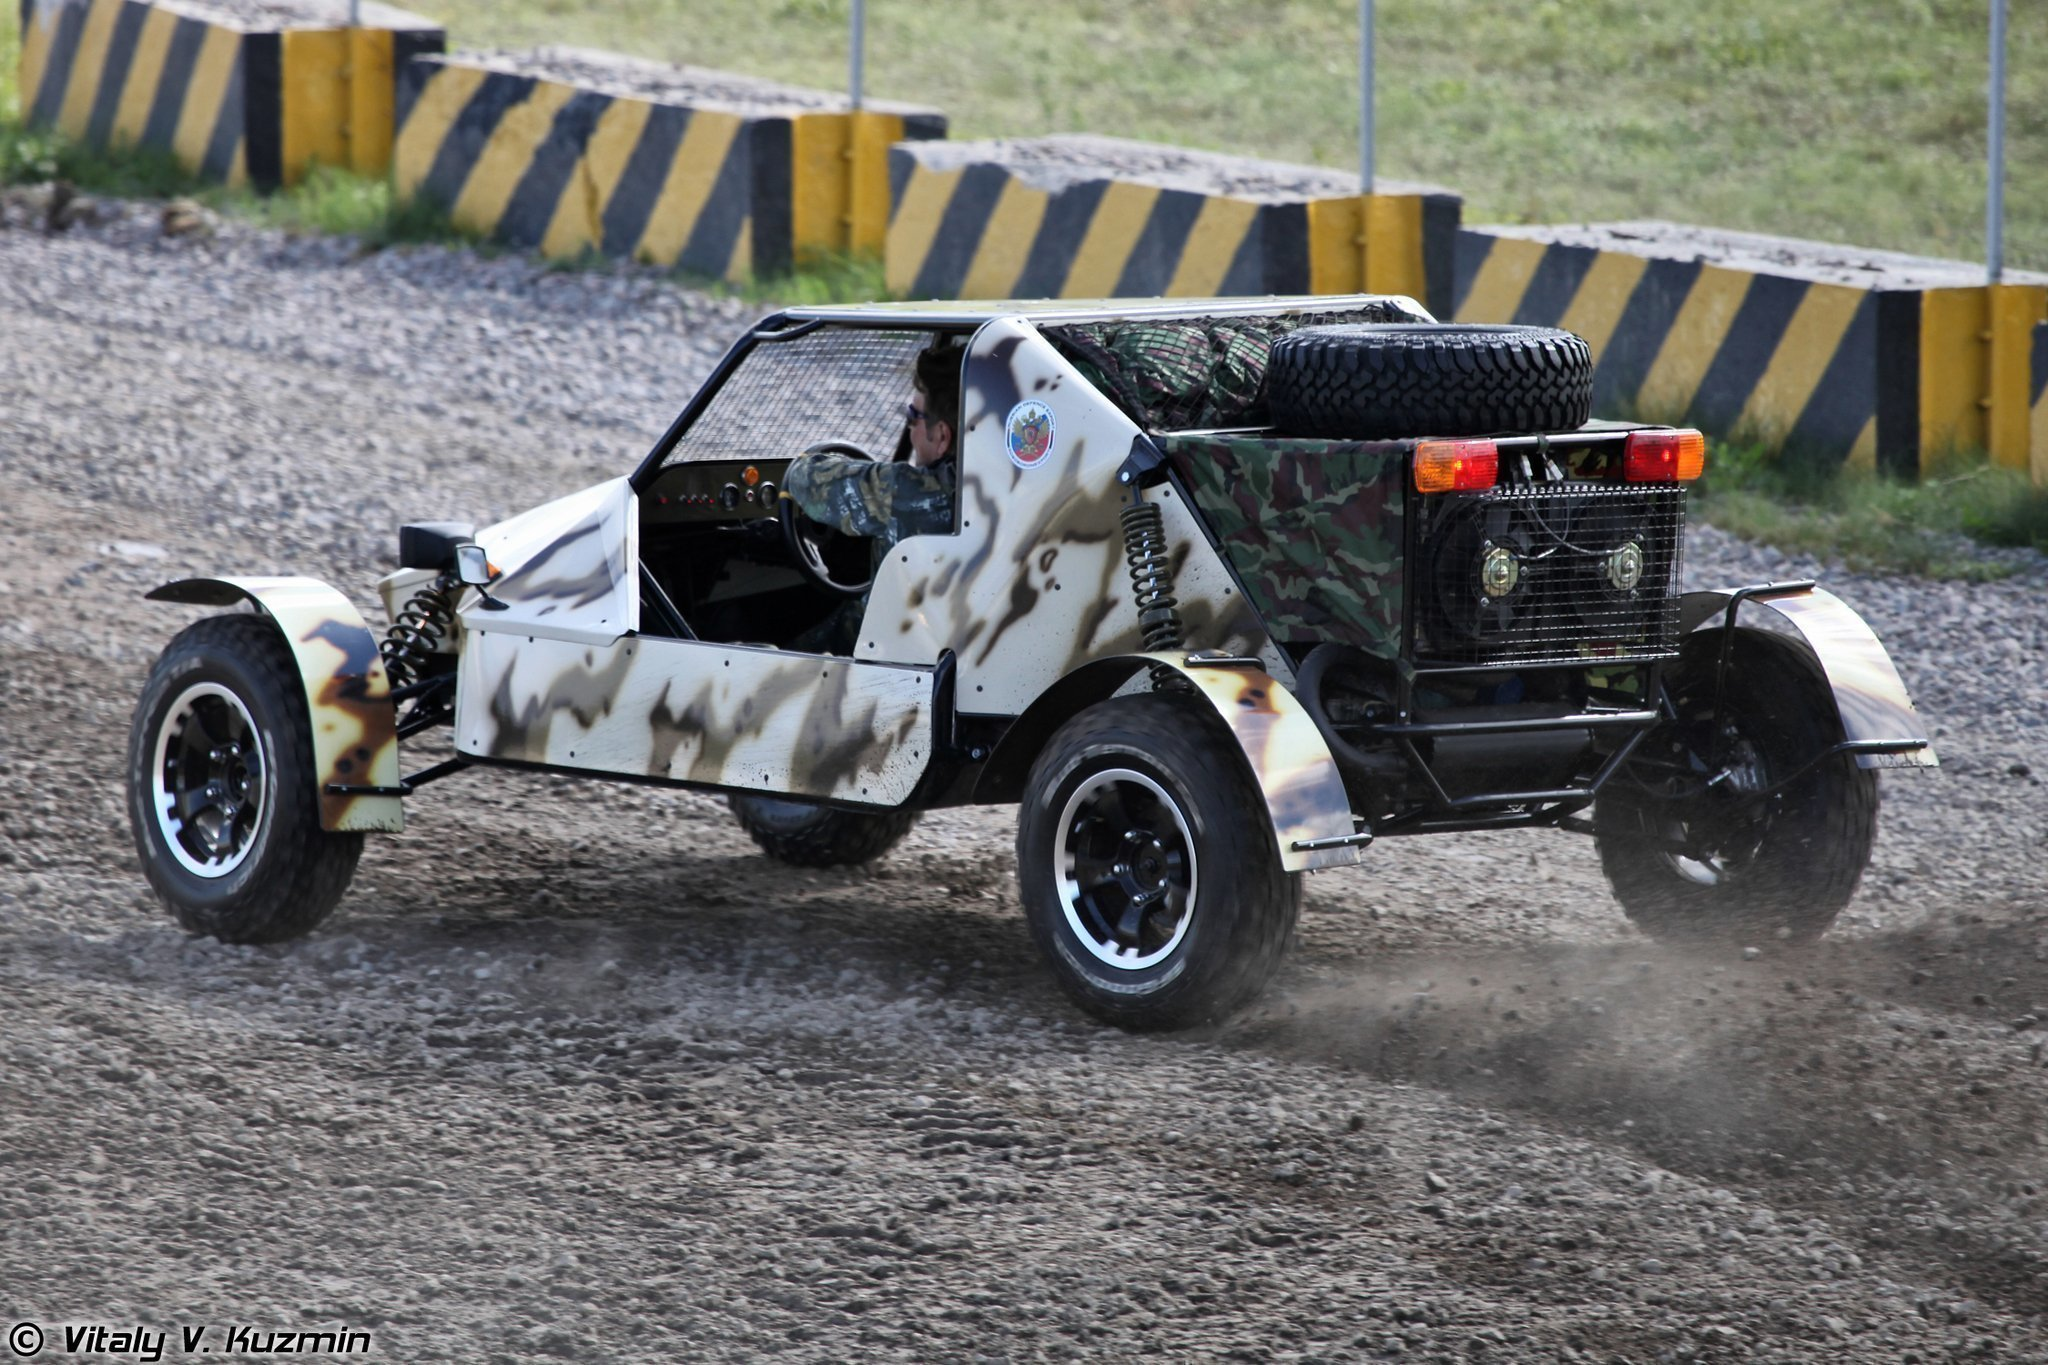 Волжский автомобильный завод построил багги для бойцов «Росгвардии»